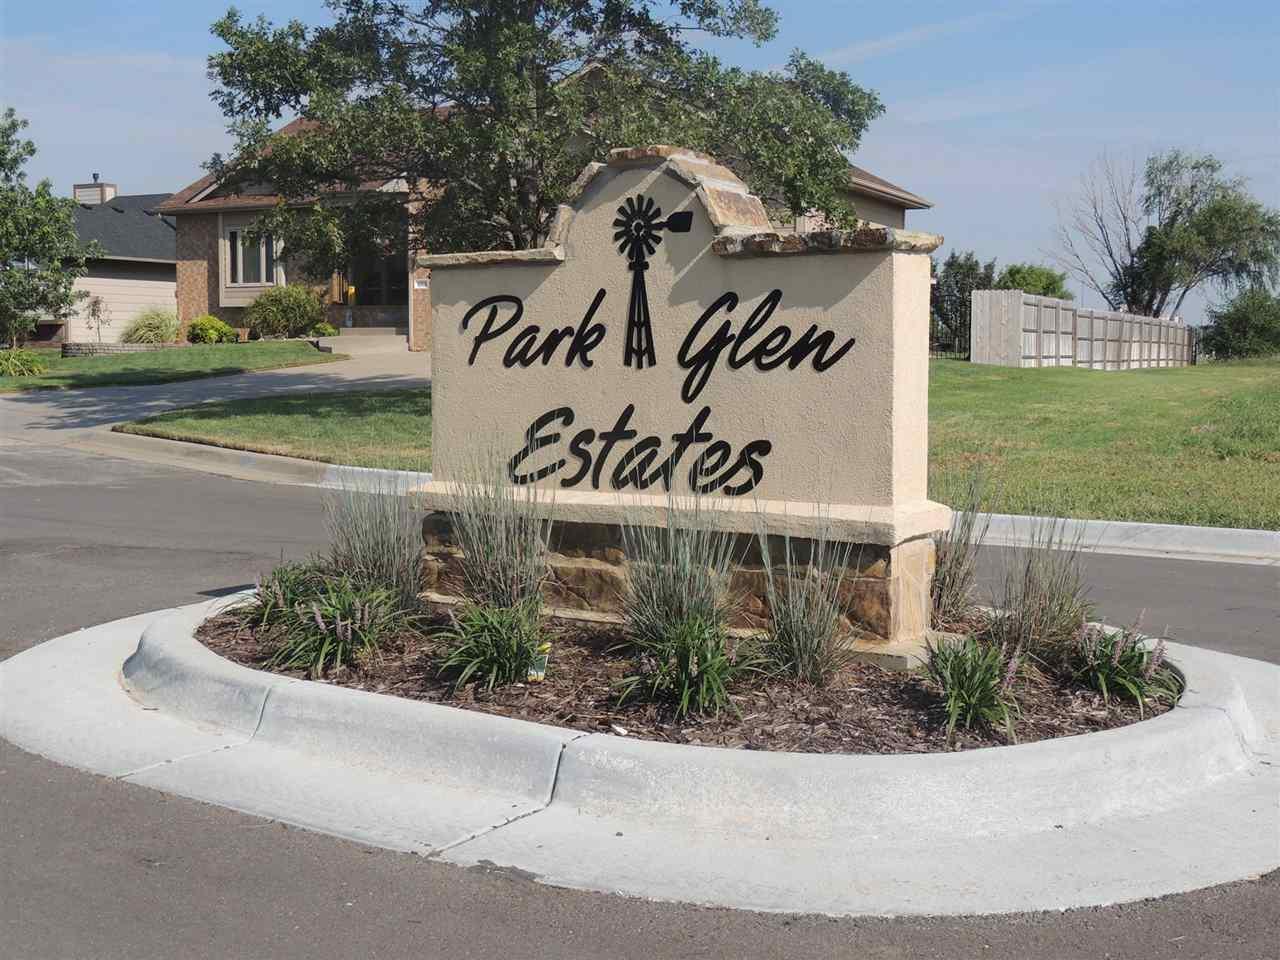 1020 E PARK GLEN ST, Clearwater, KS 67026